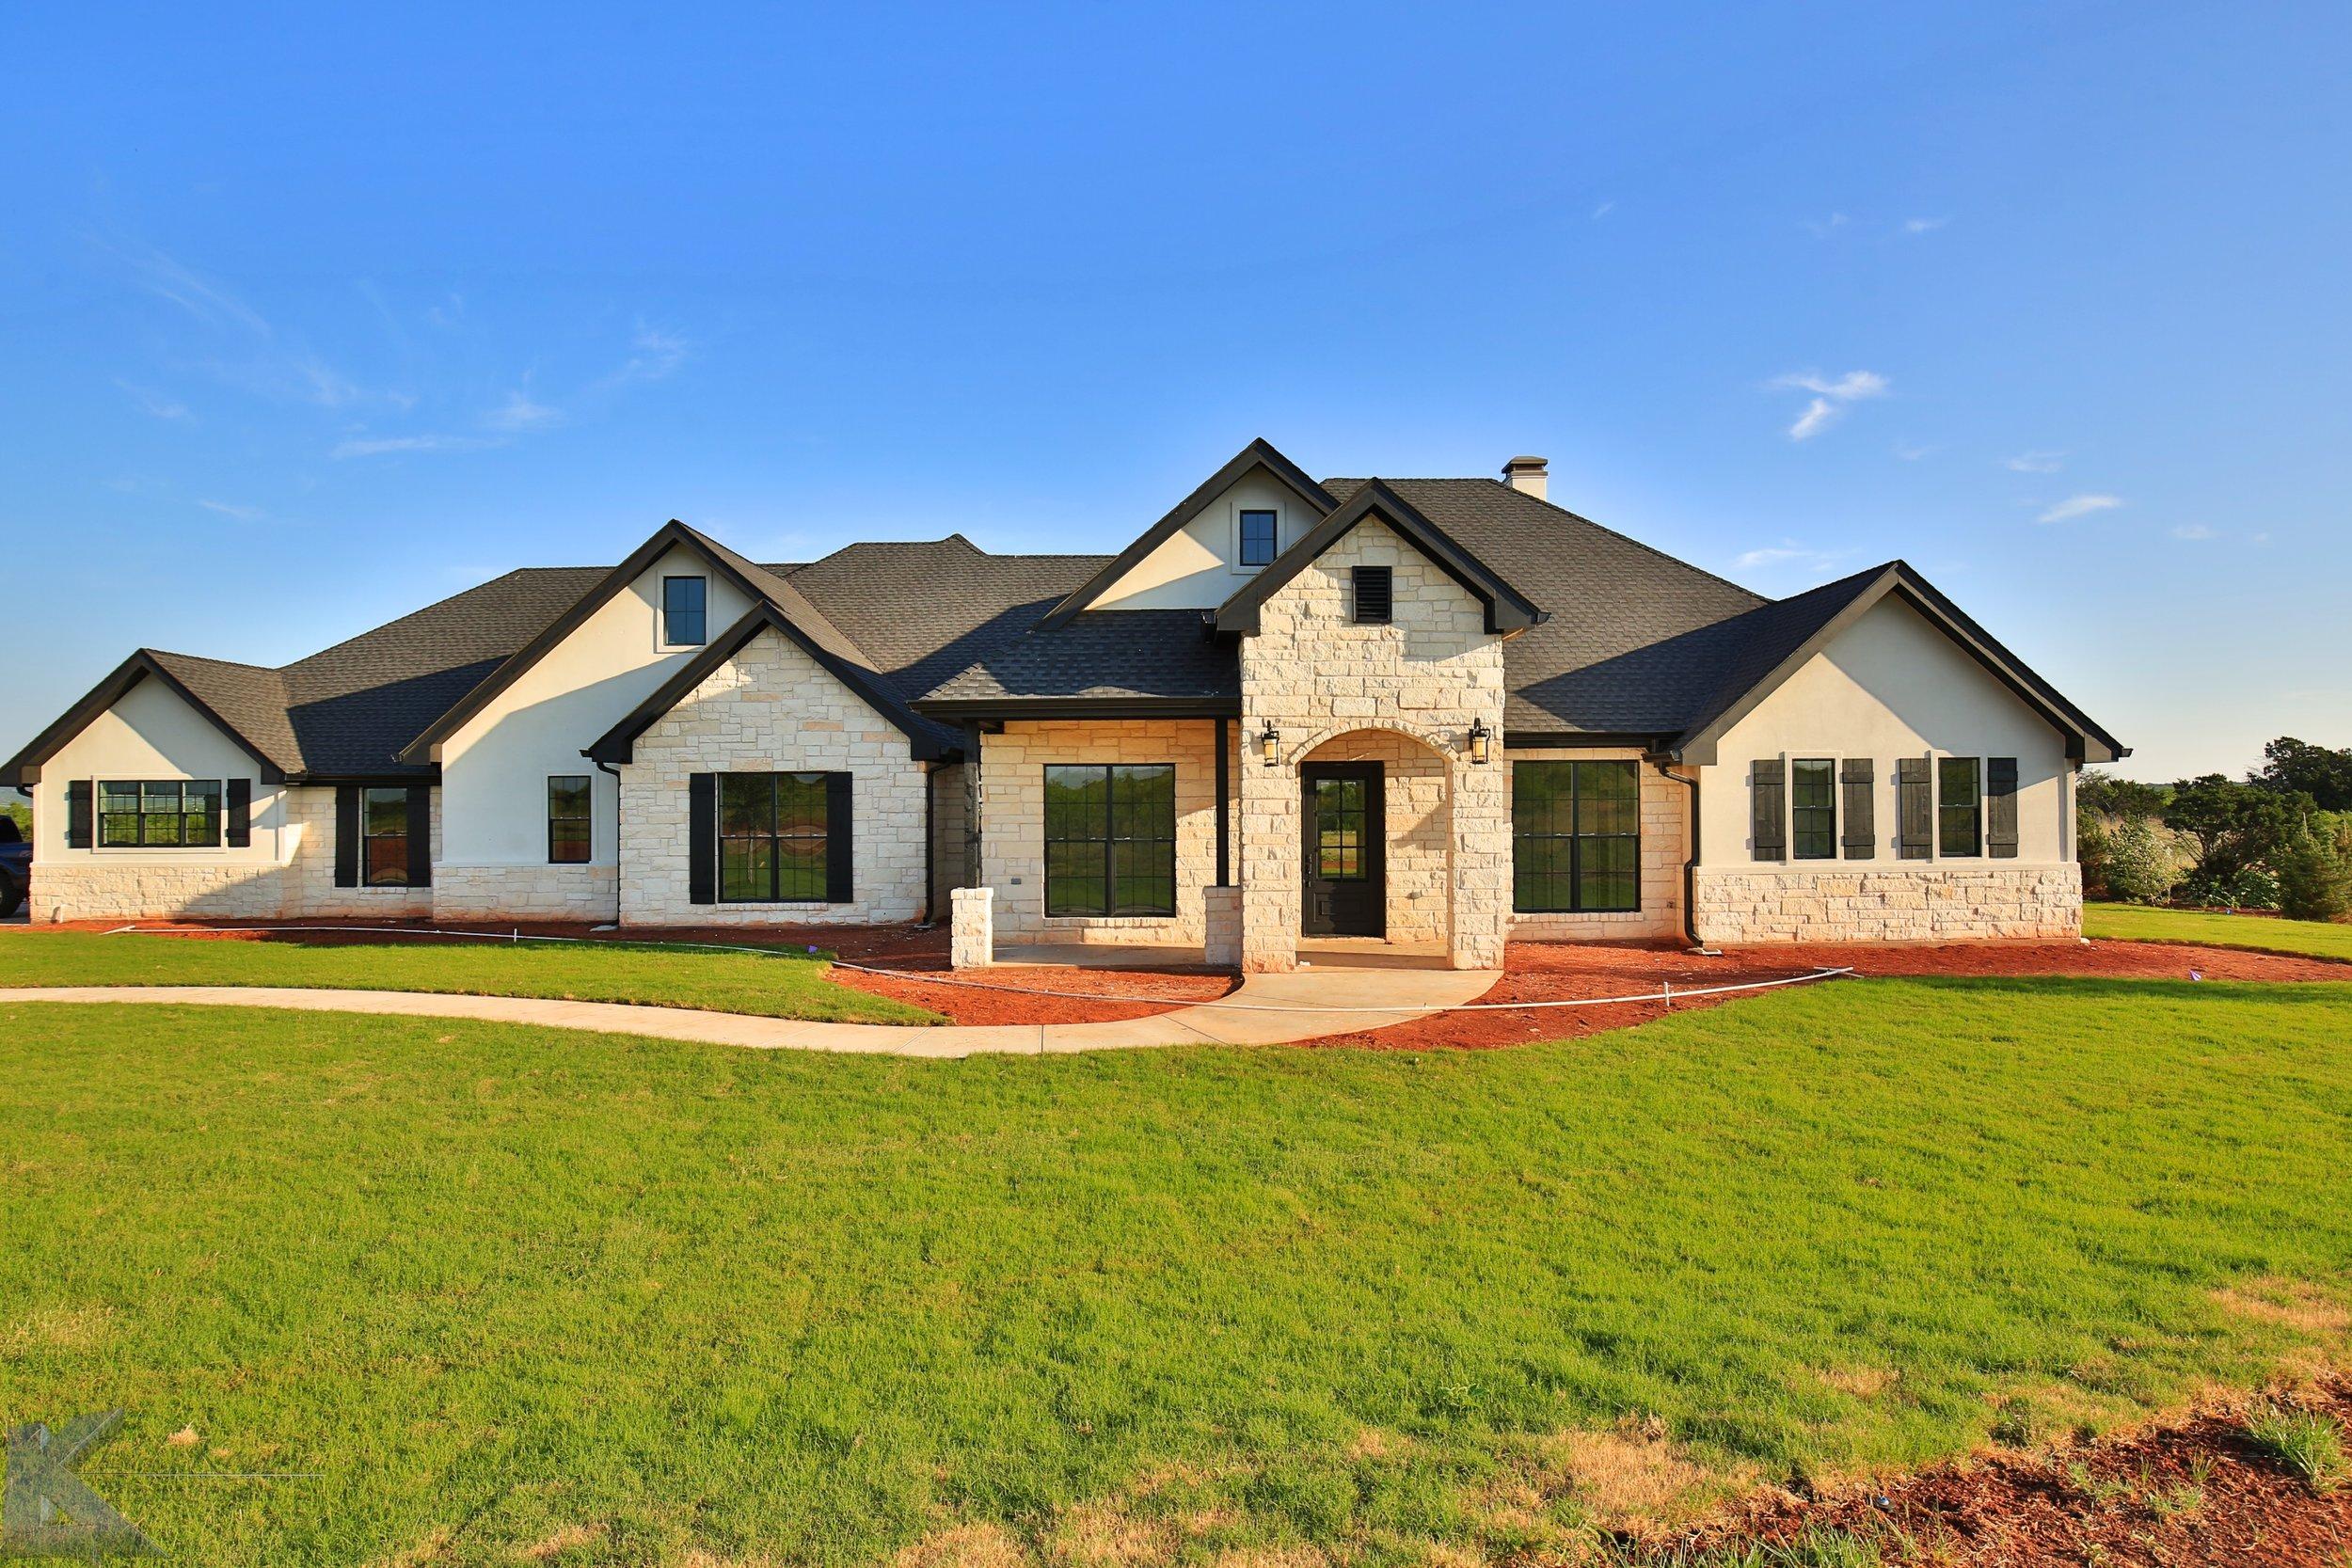 Kyle Paul Construction Abilene Texas Buffalo Gap Texas Custom Homes